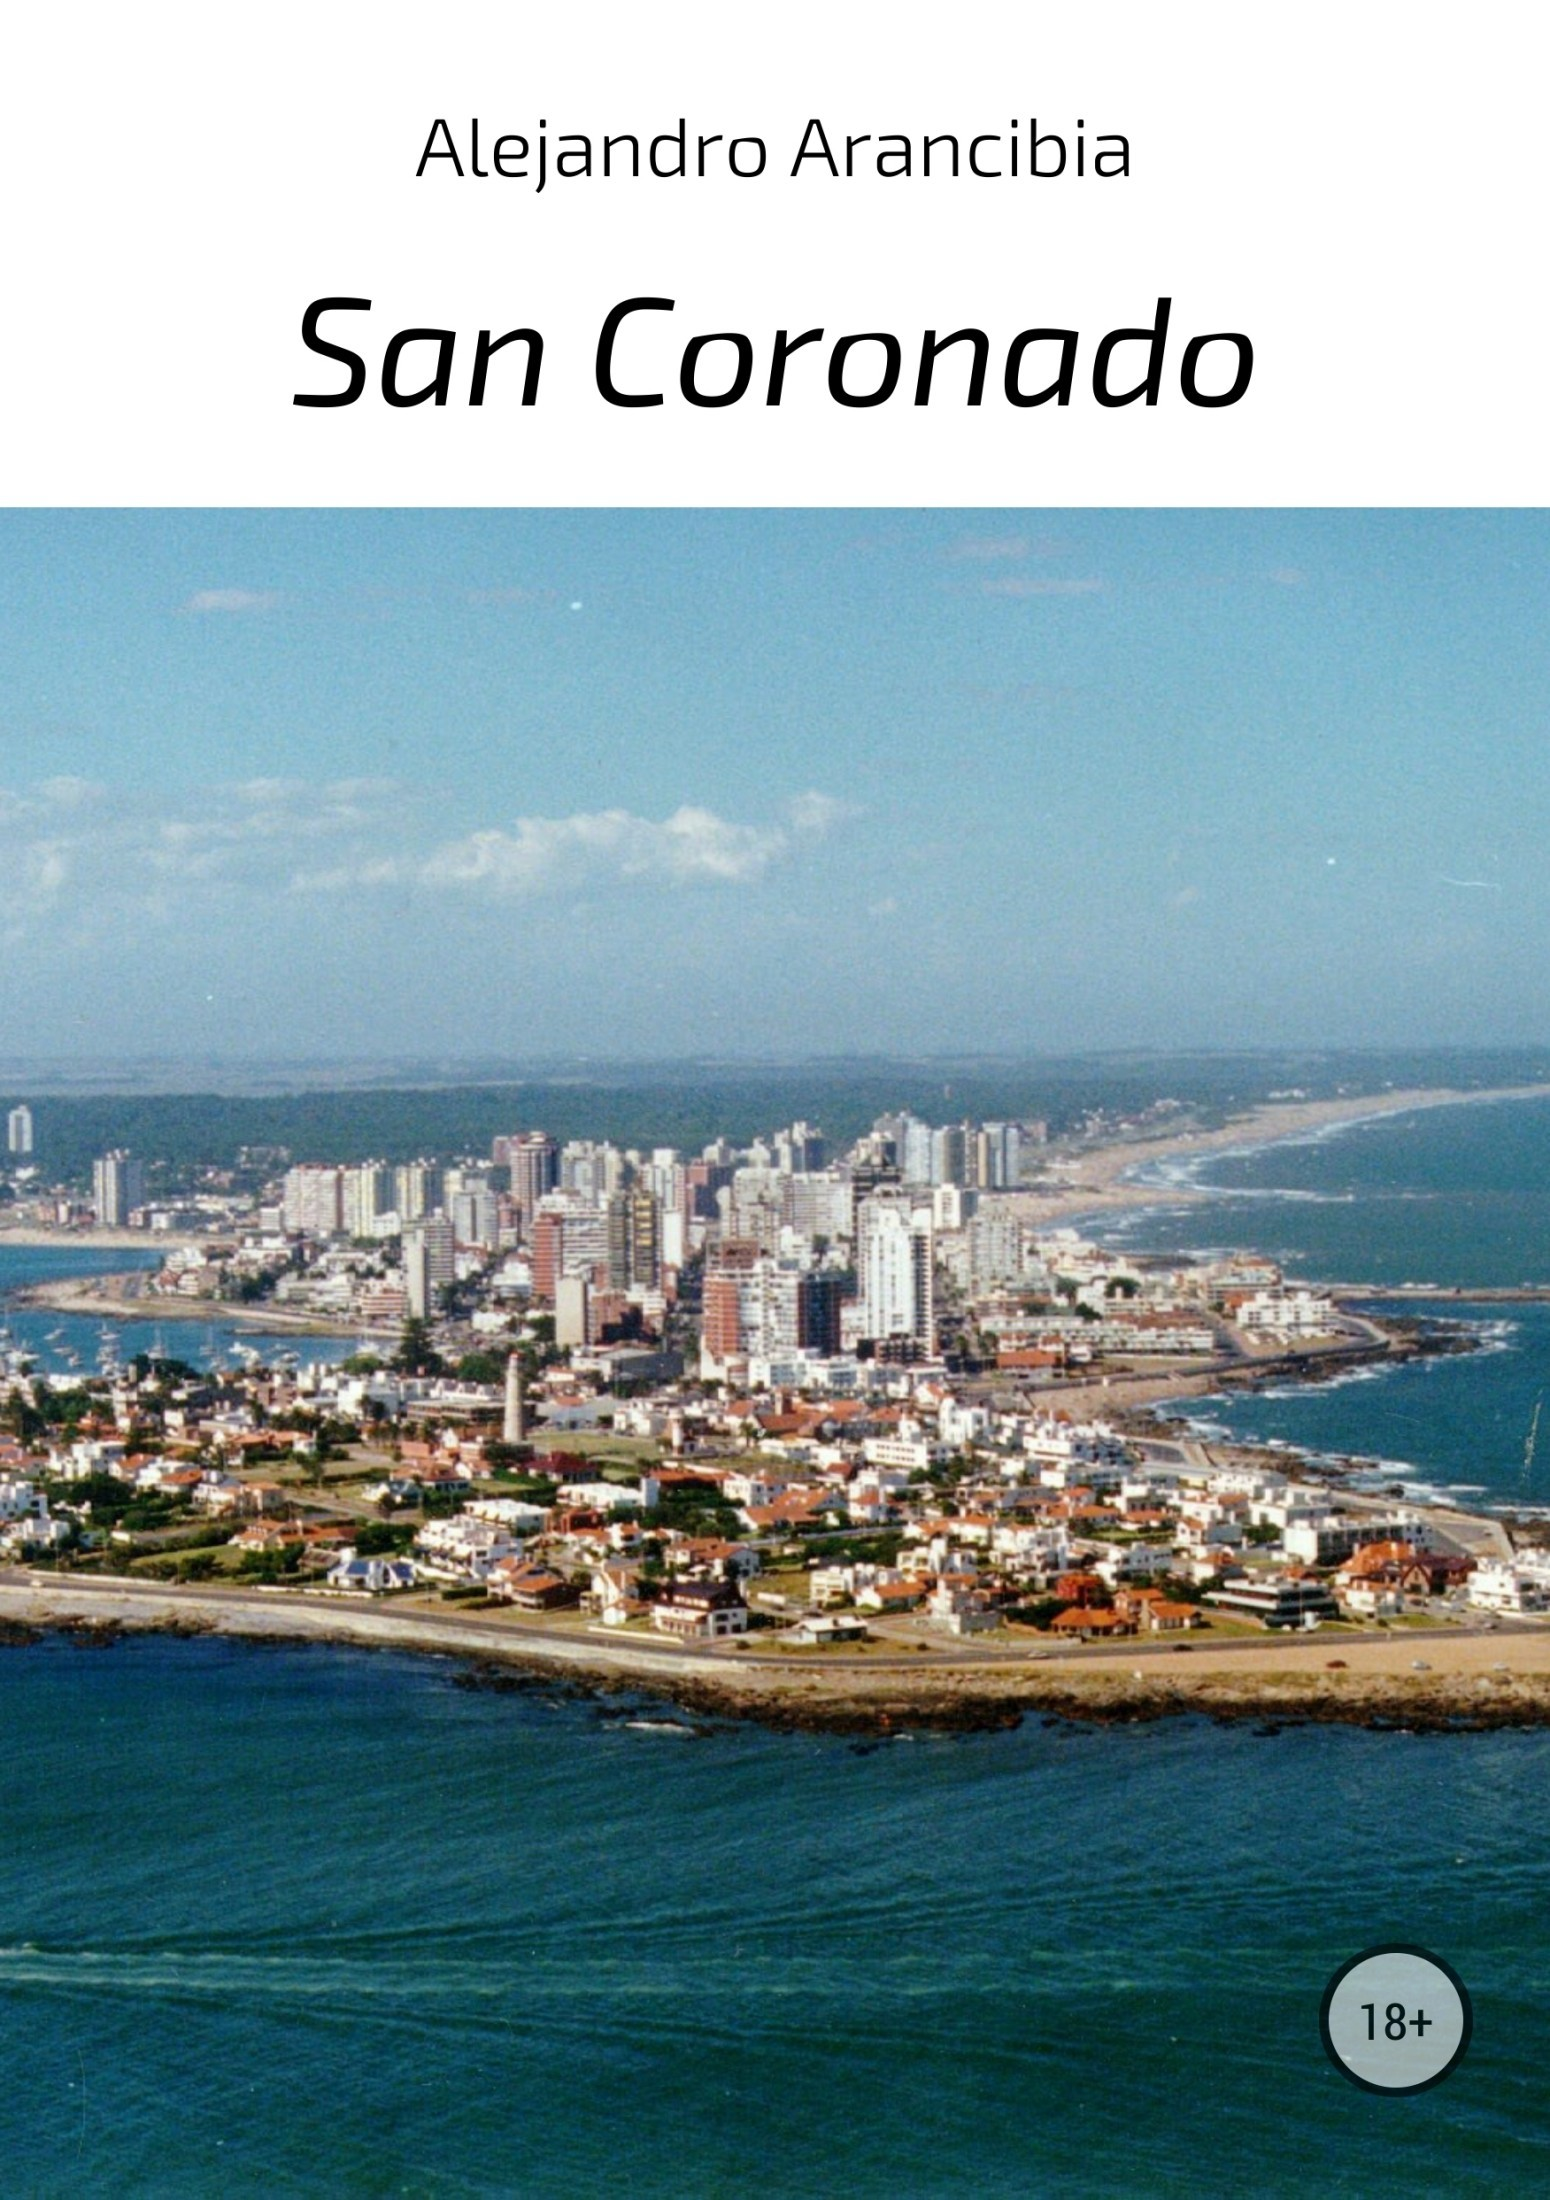 Alejandro Arancibia - San Coronado